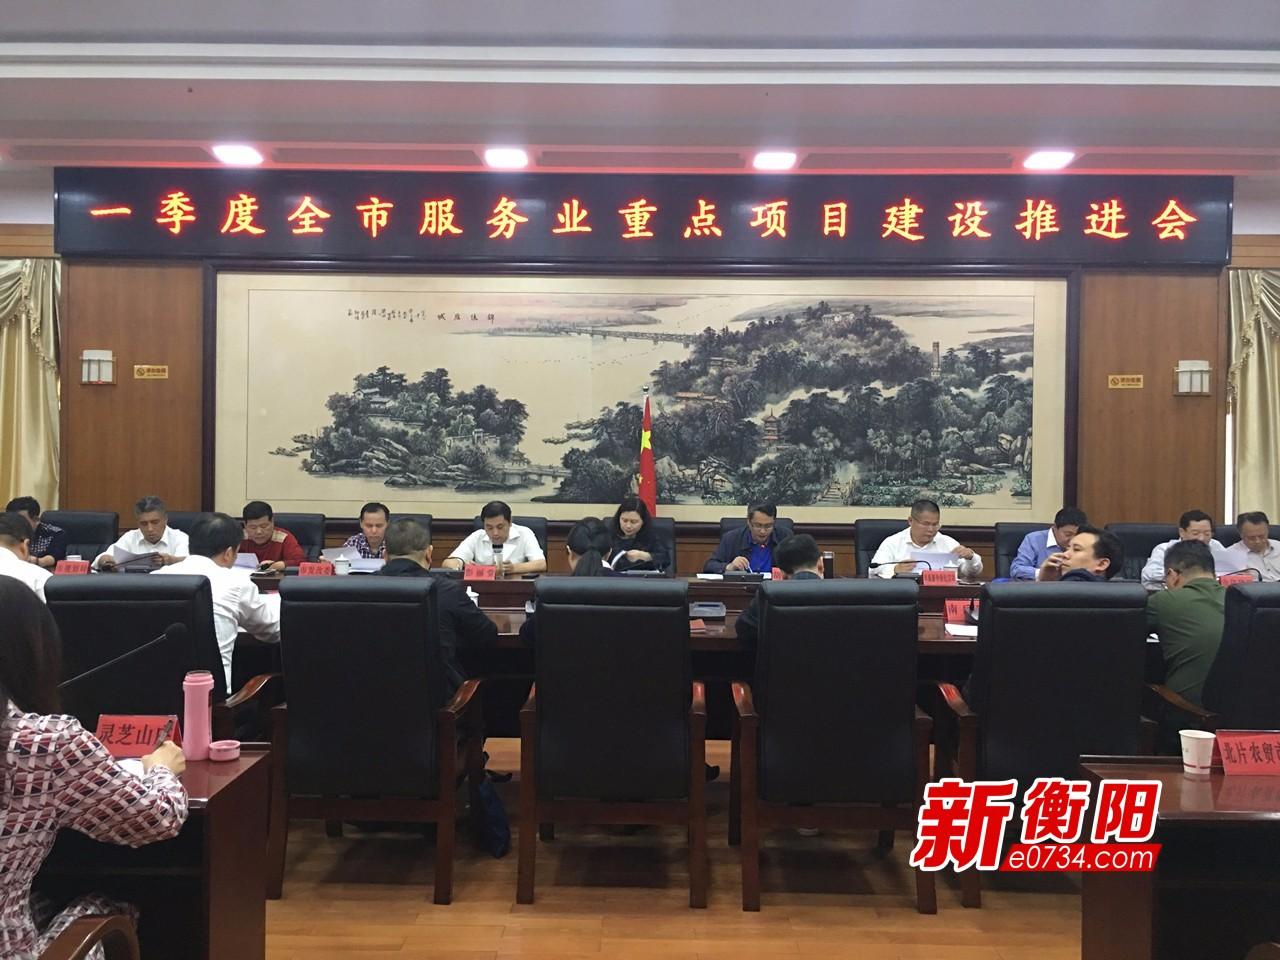 衡阳市服务业重点项目开复工96个 开工率81.36%